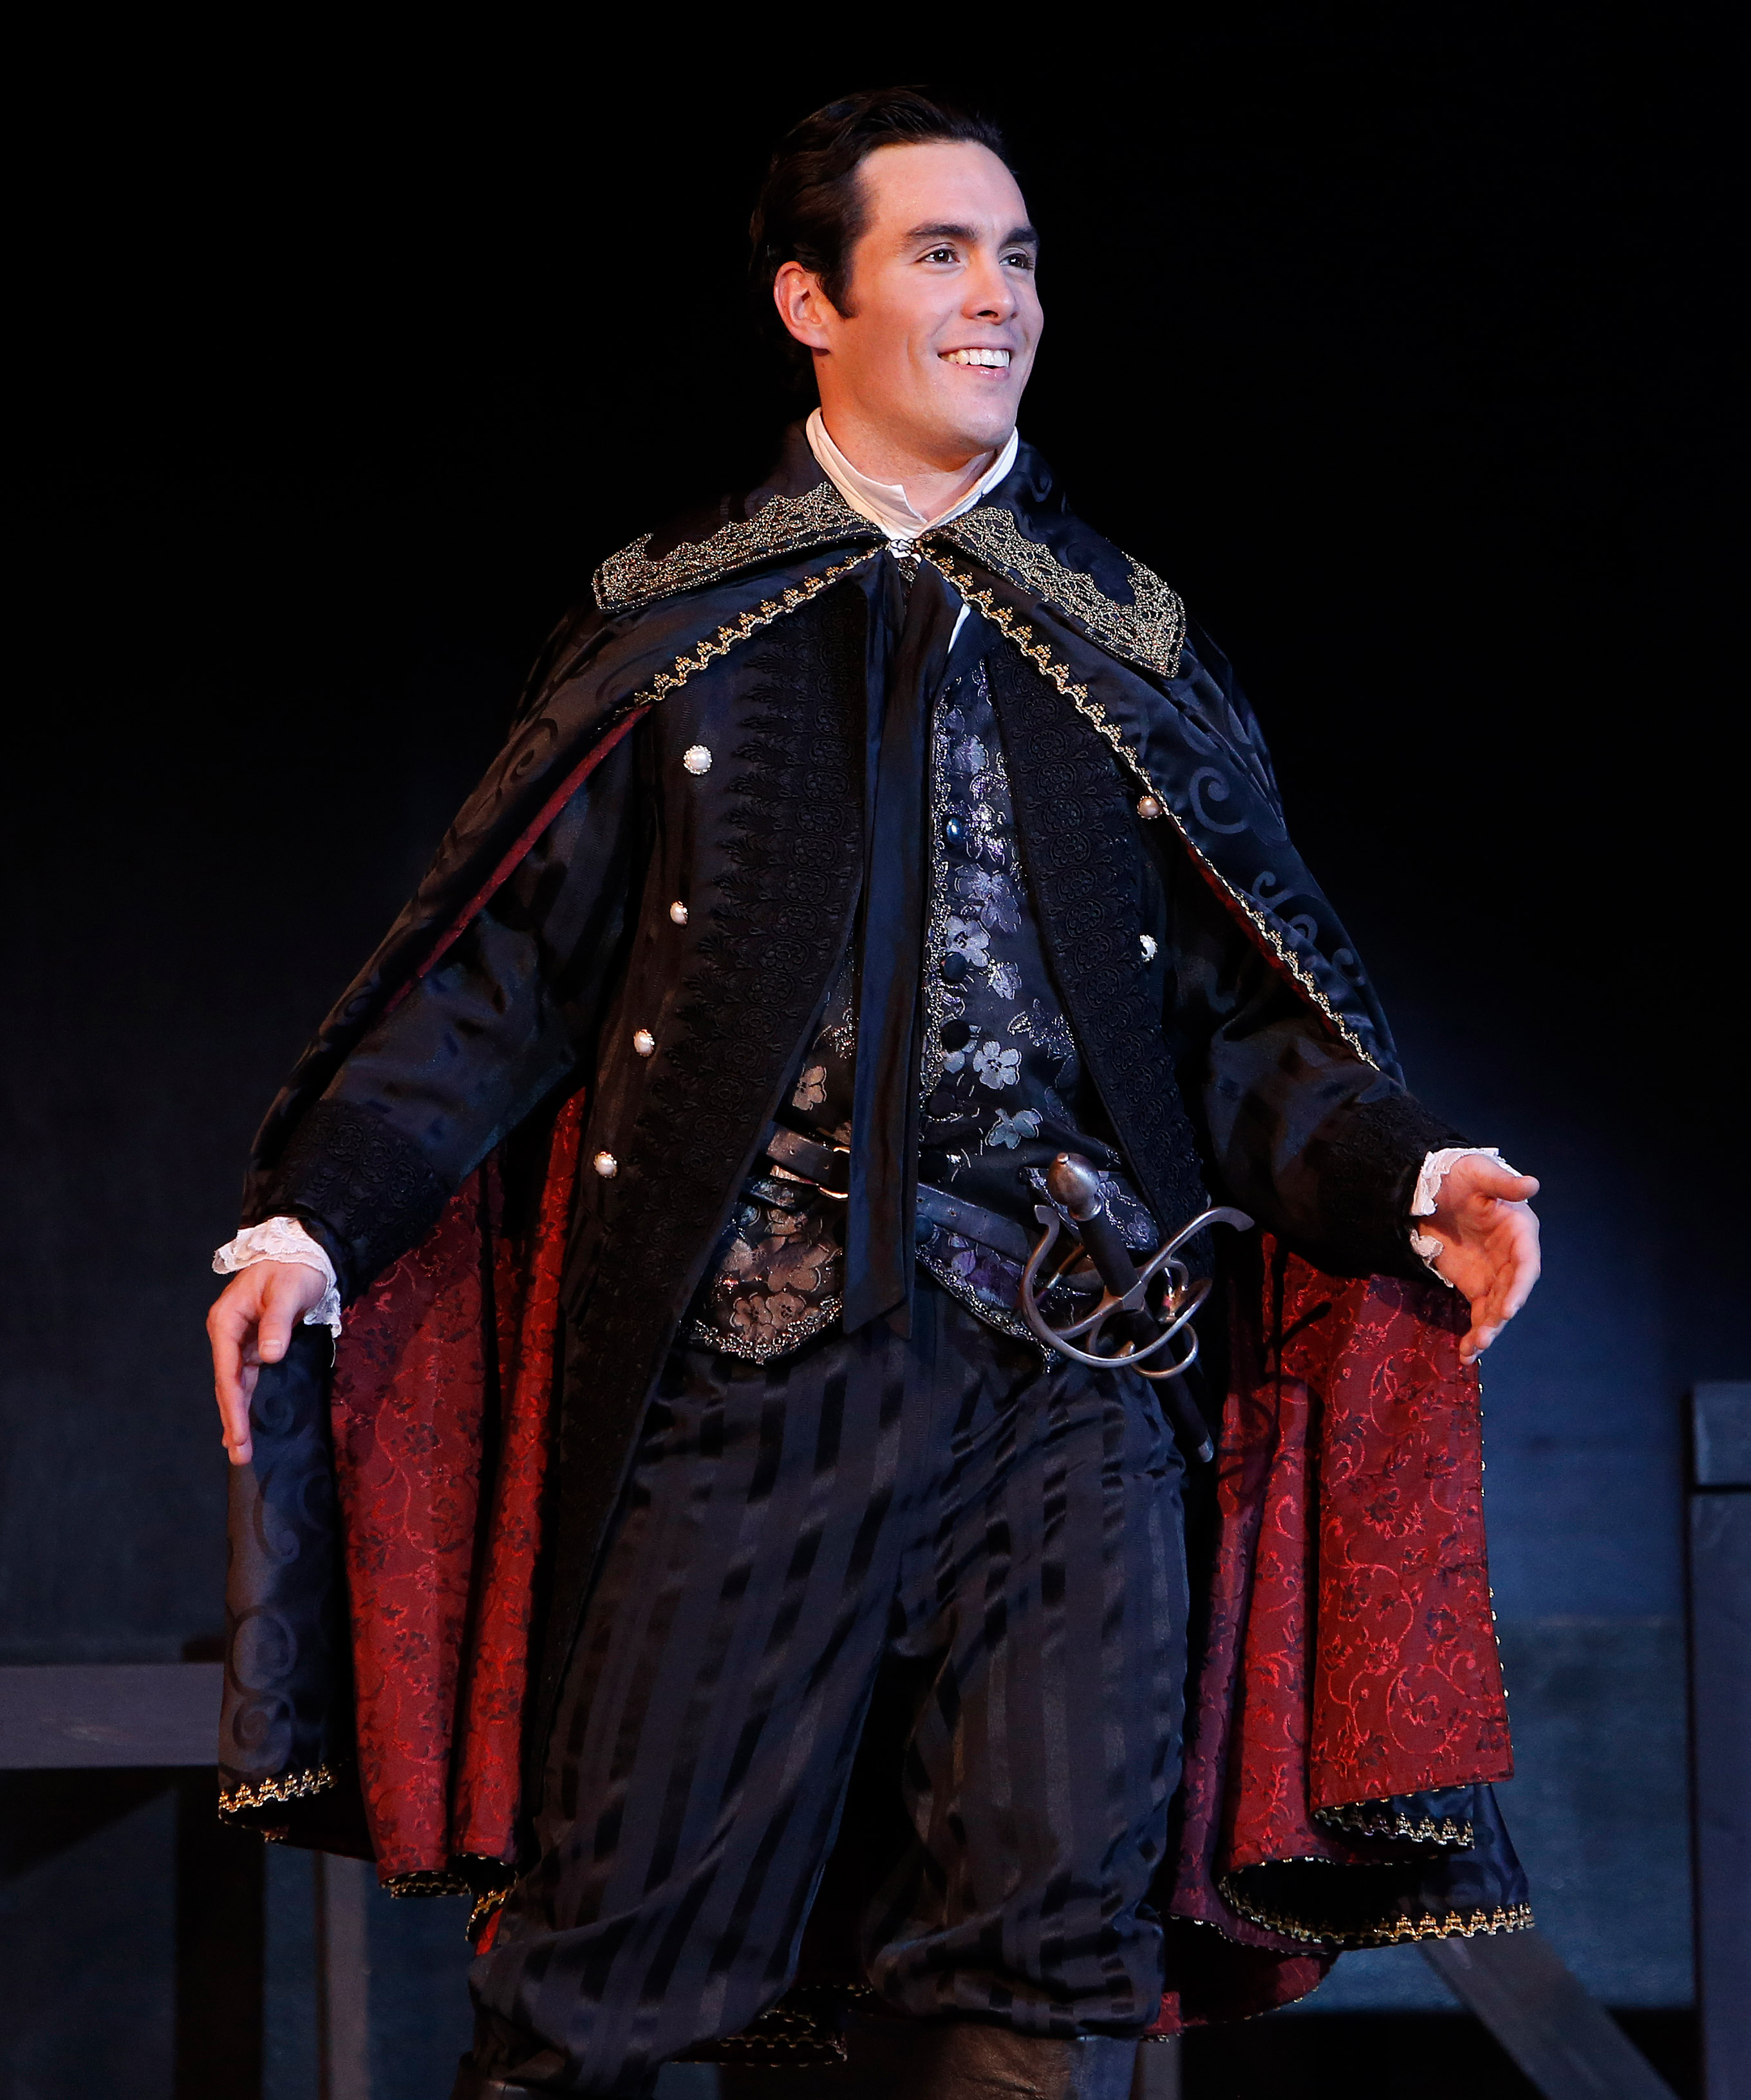 smiling male actor in period attire